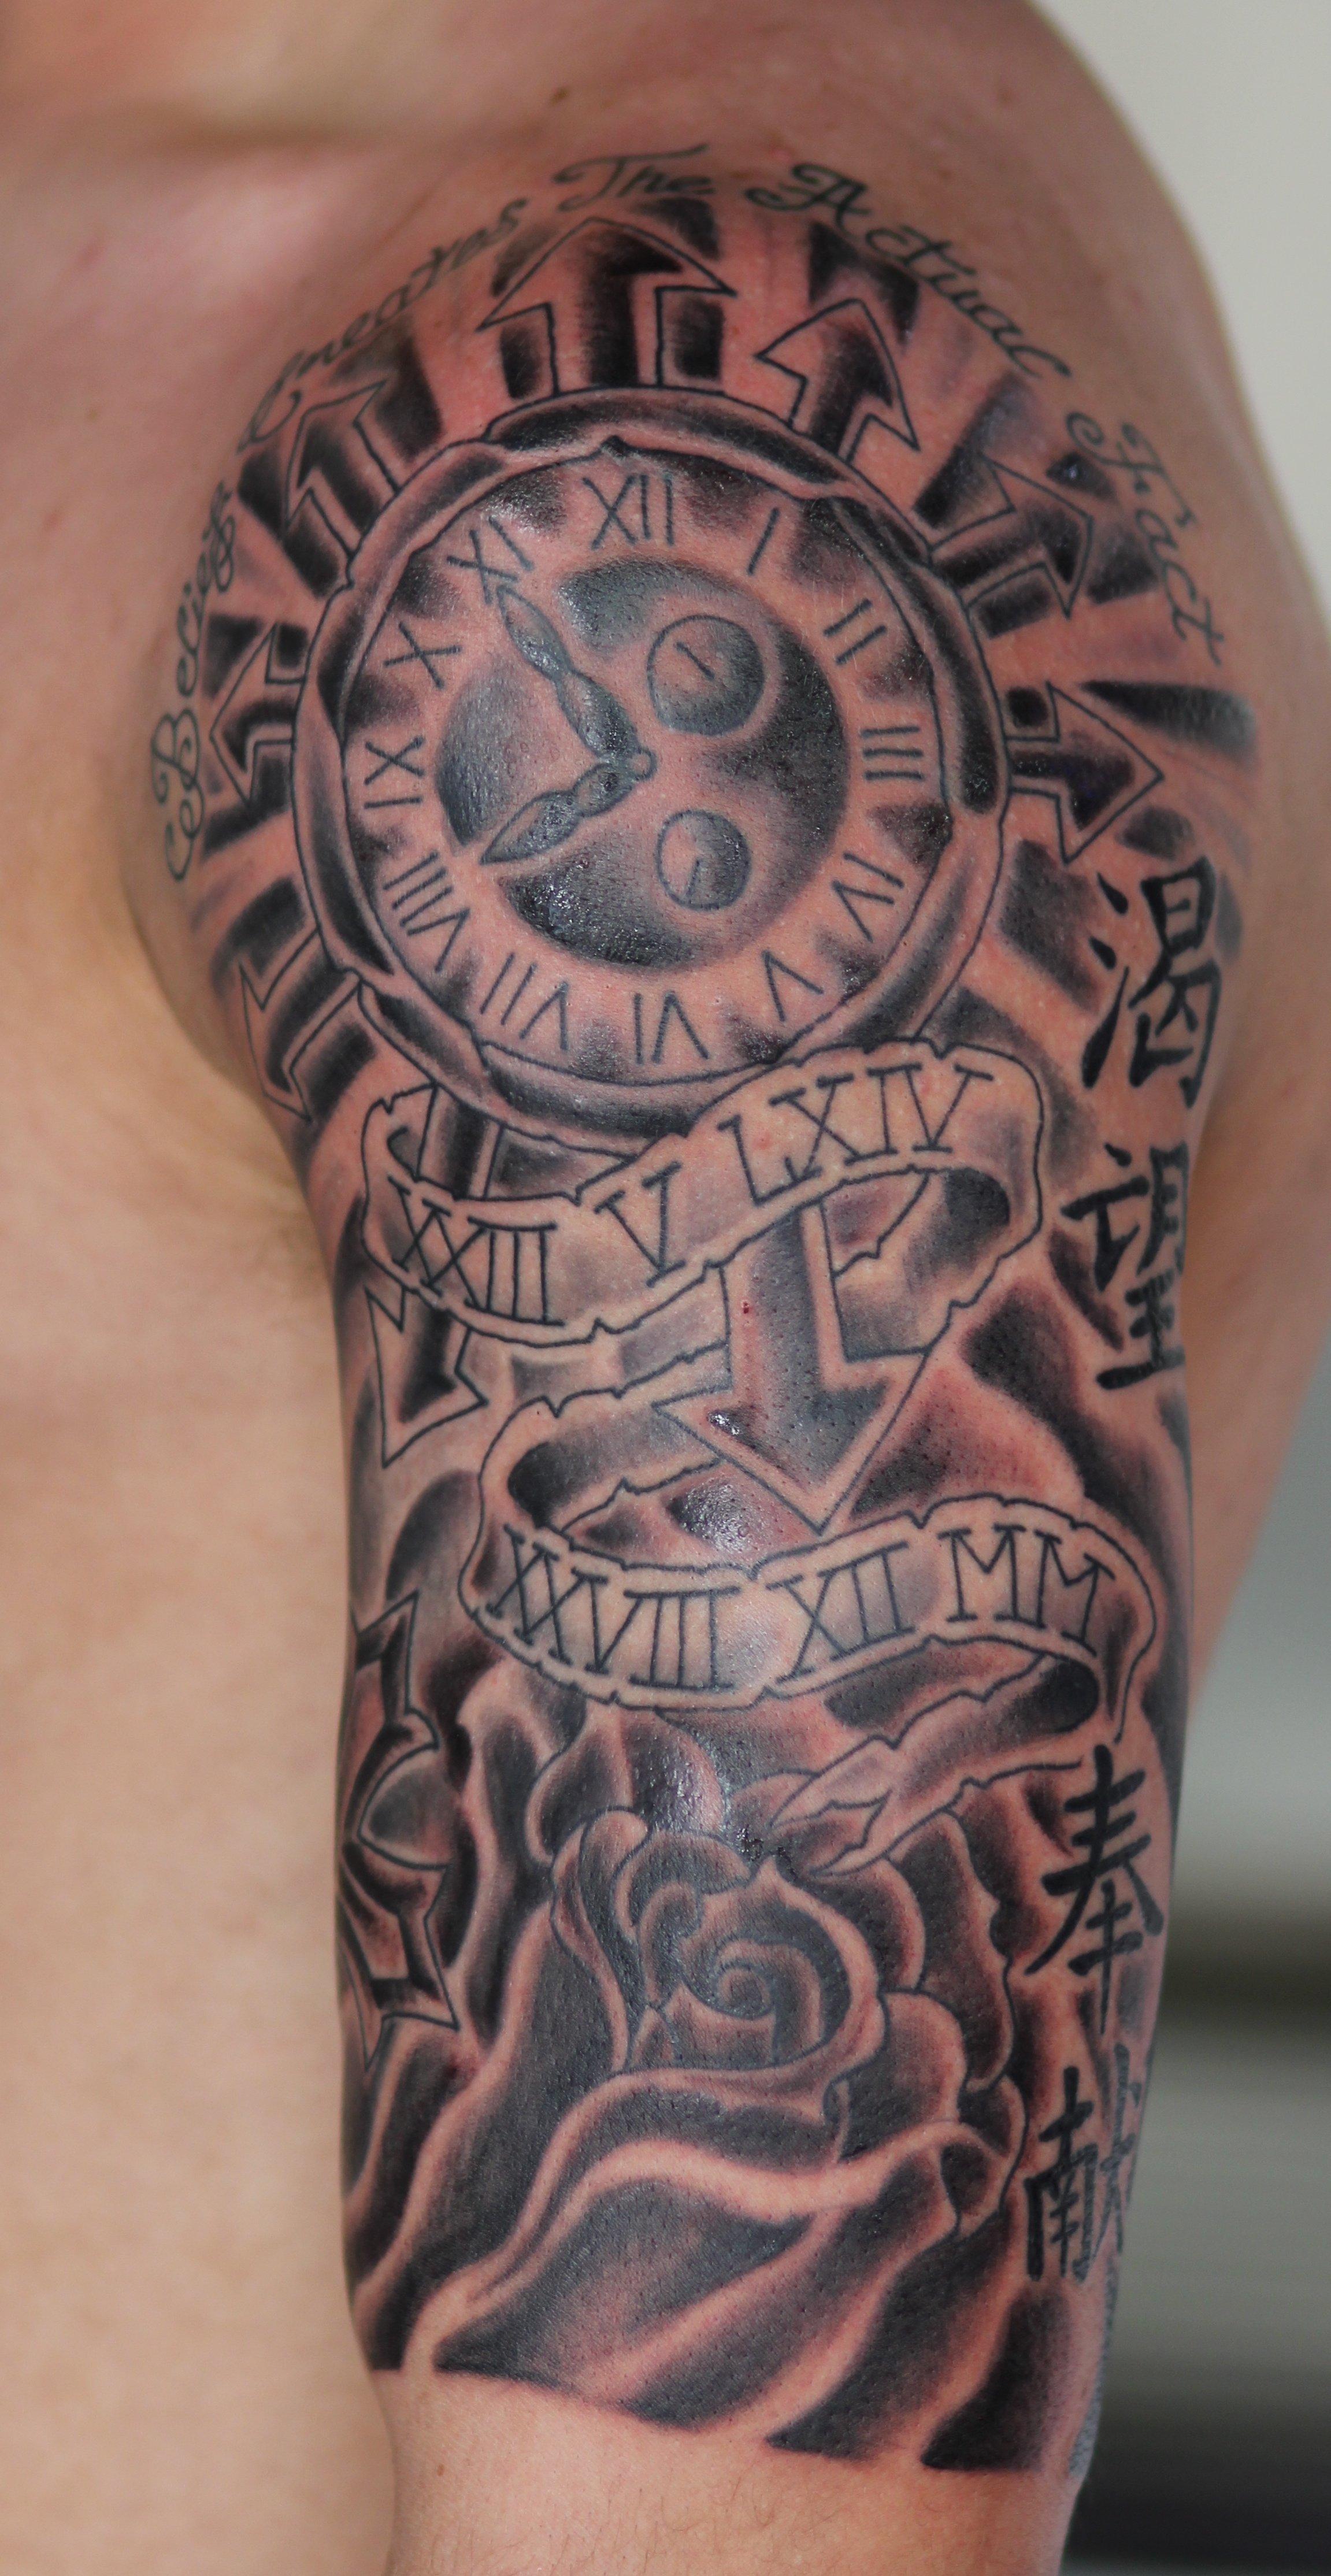 10 Spectacular Half A Sleeve Tattoo Ideas half sleeve tattoos designs tattoo ideas pictures tattoo ideas 2020